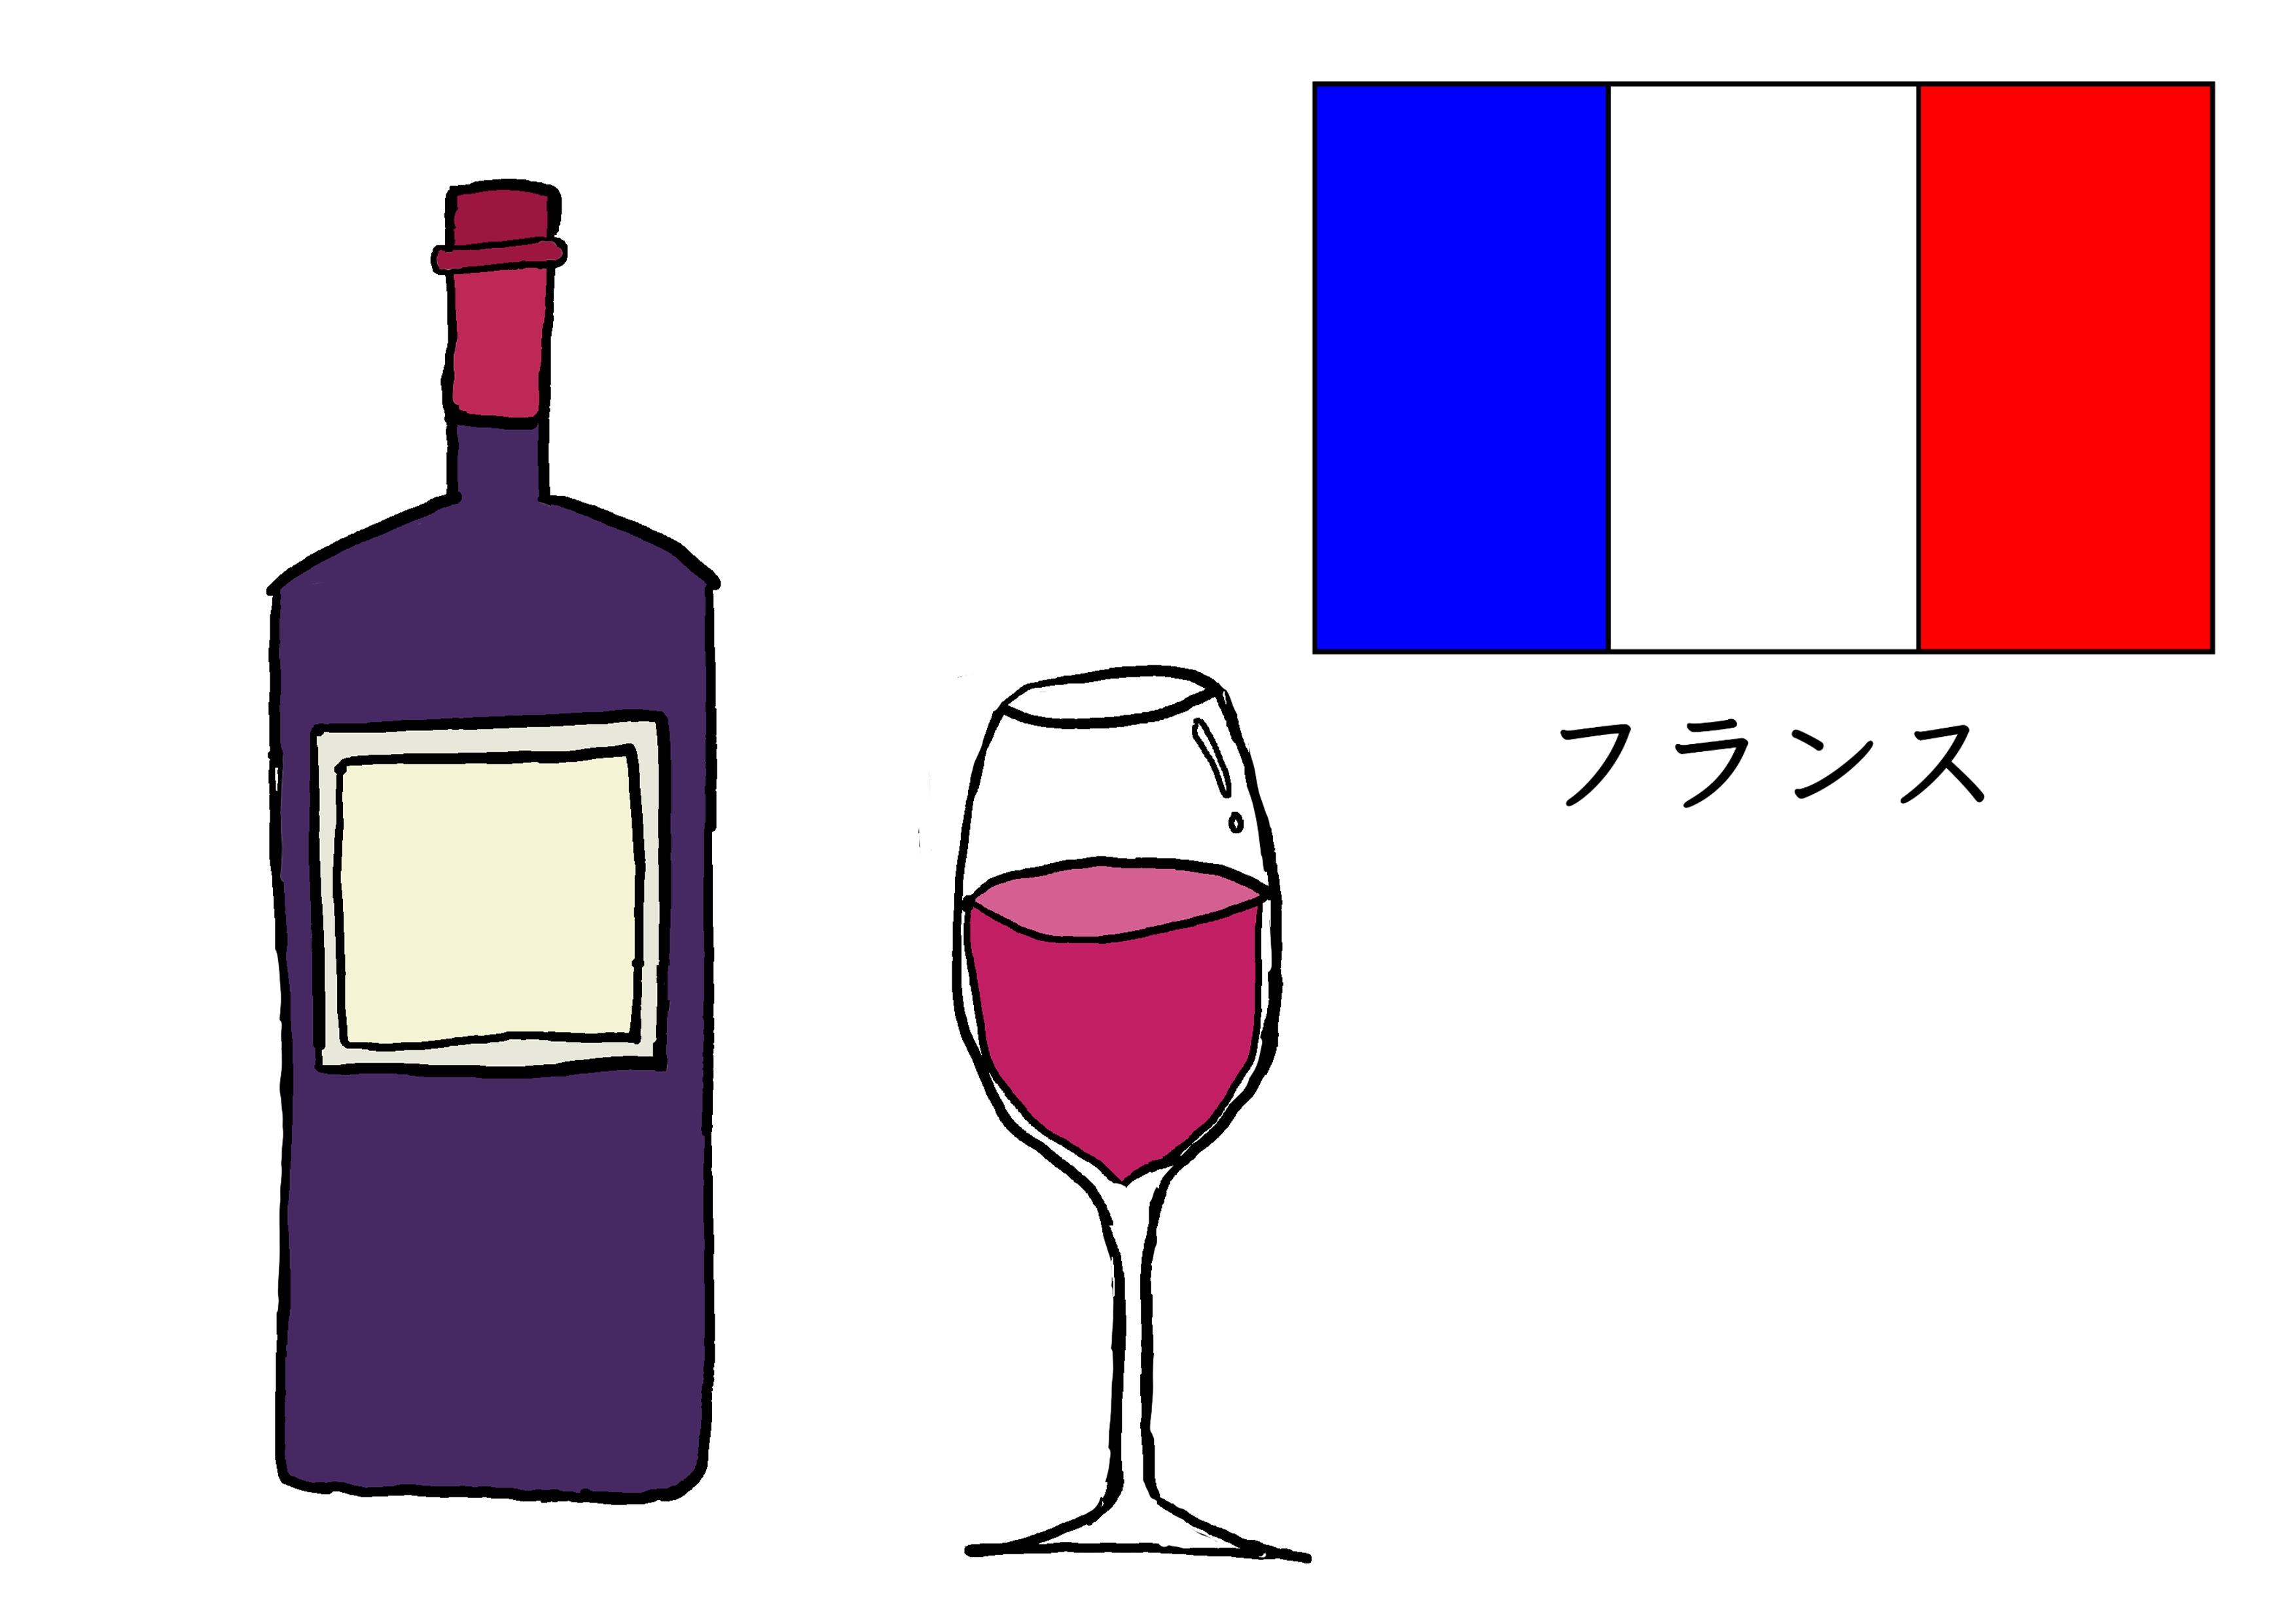 3課イラスト【フランスのワイン】